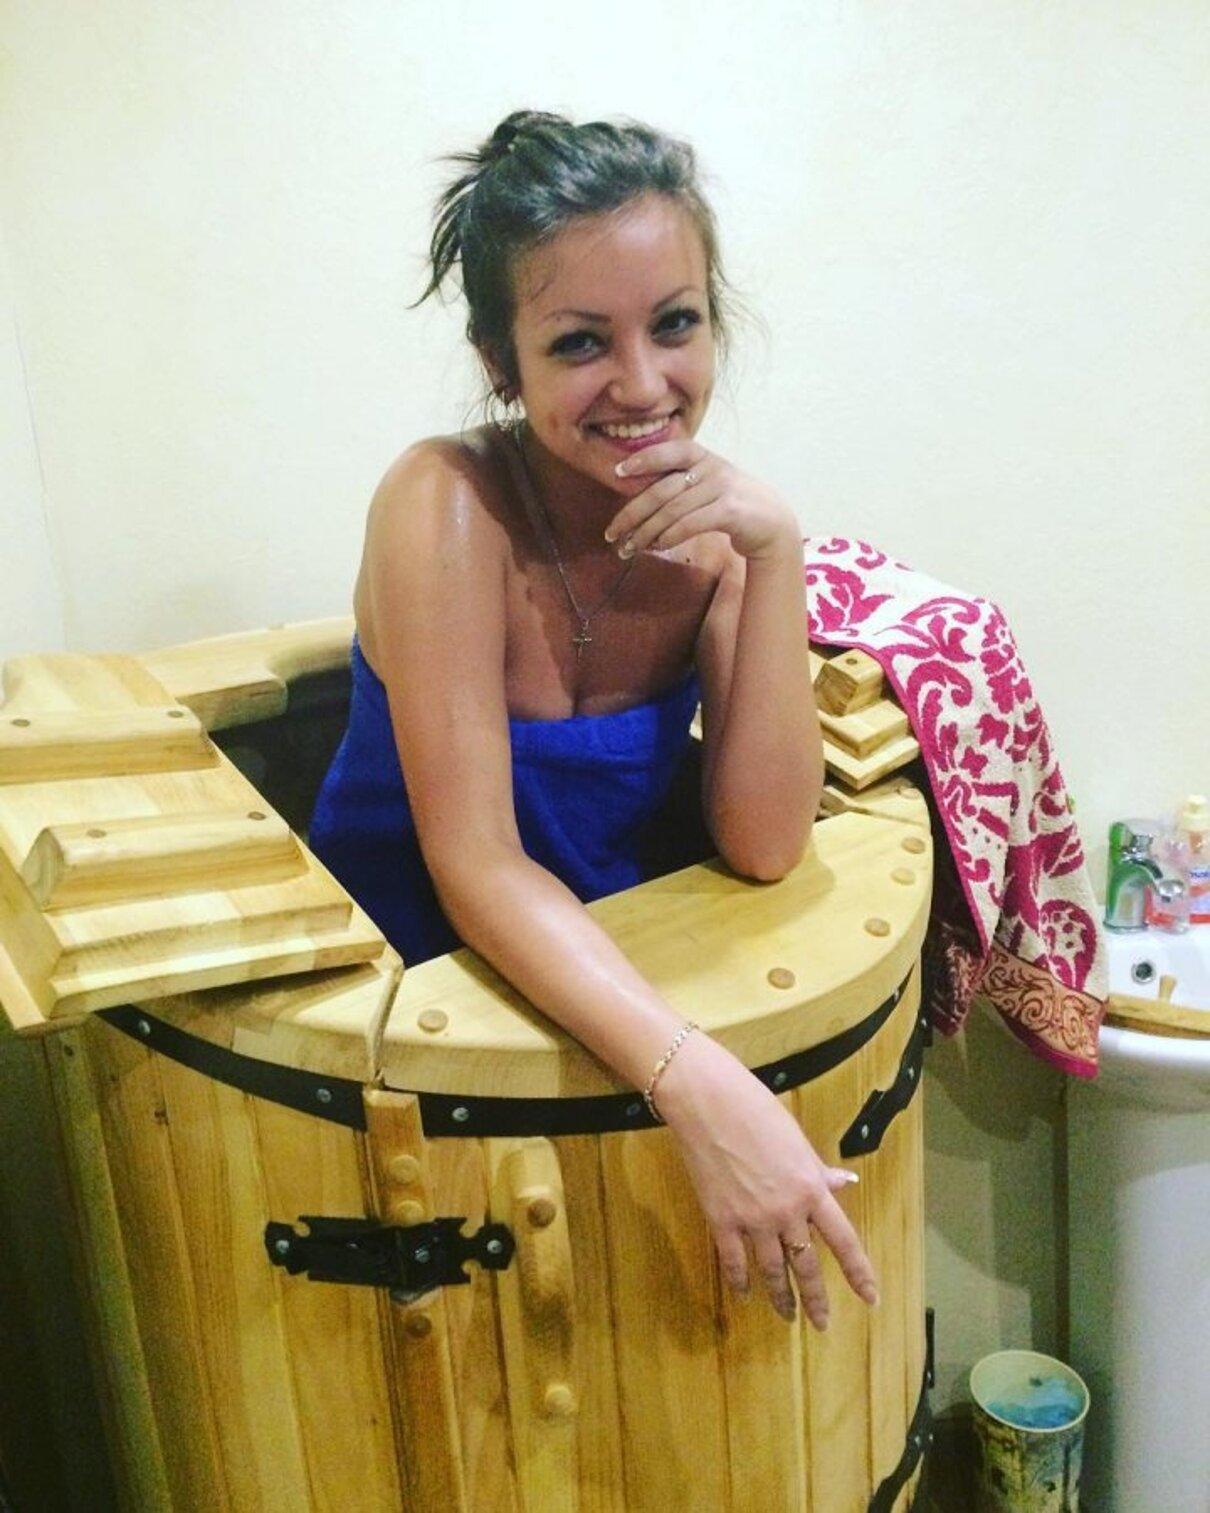 Жалоба-отзыв: Урусовская Анна Александровна - Вич - инфицированная.  Фото №4